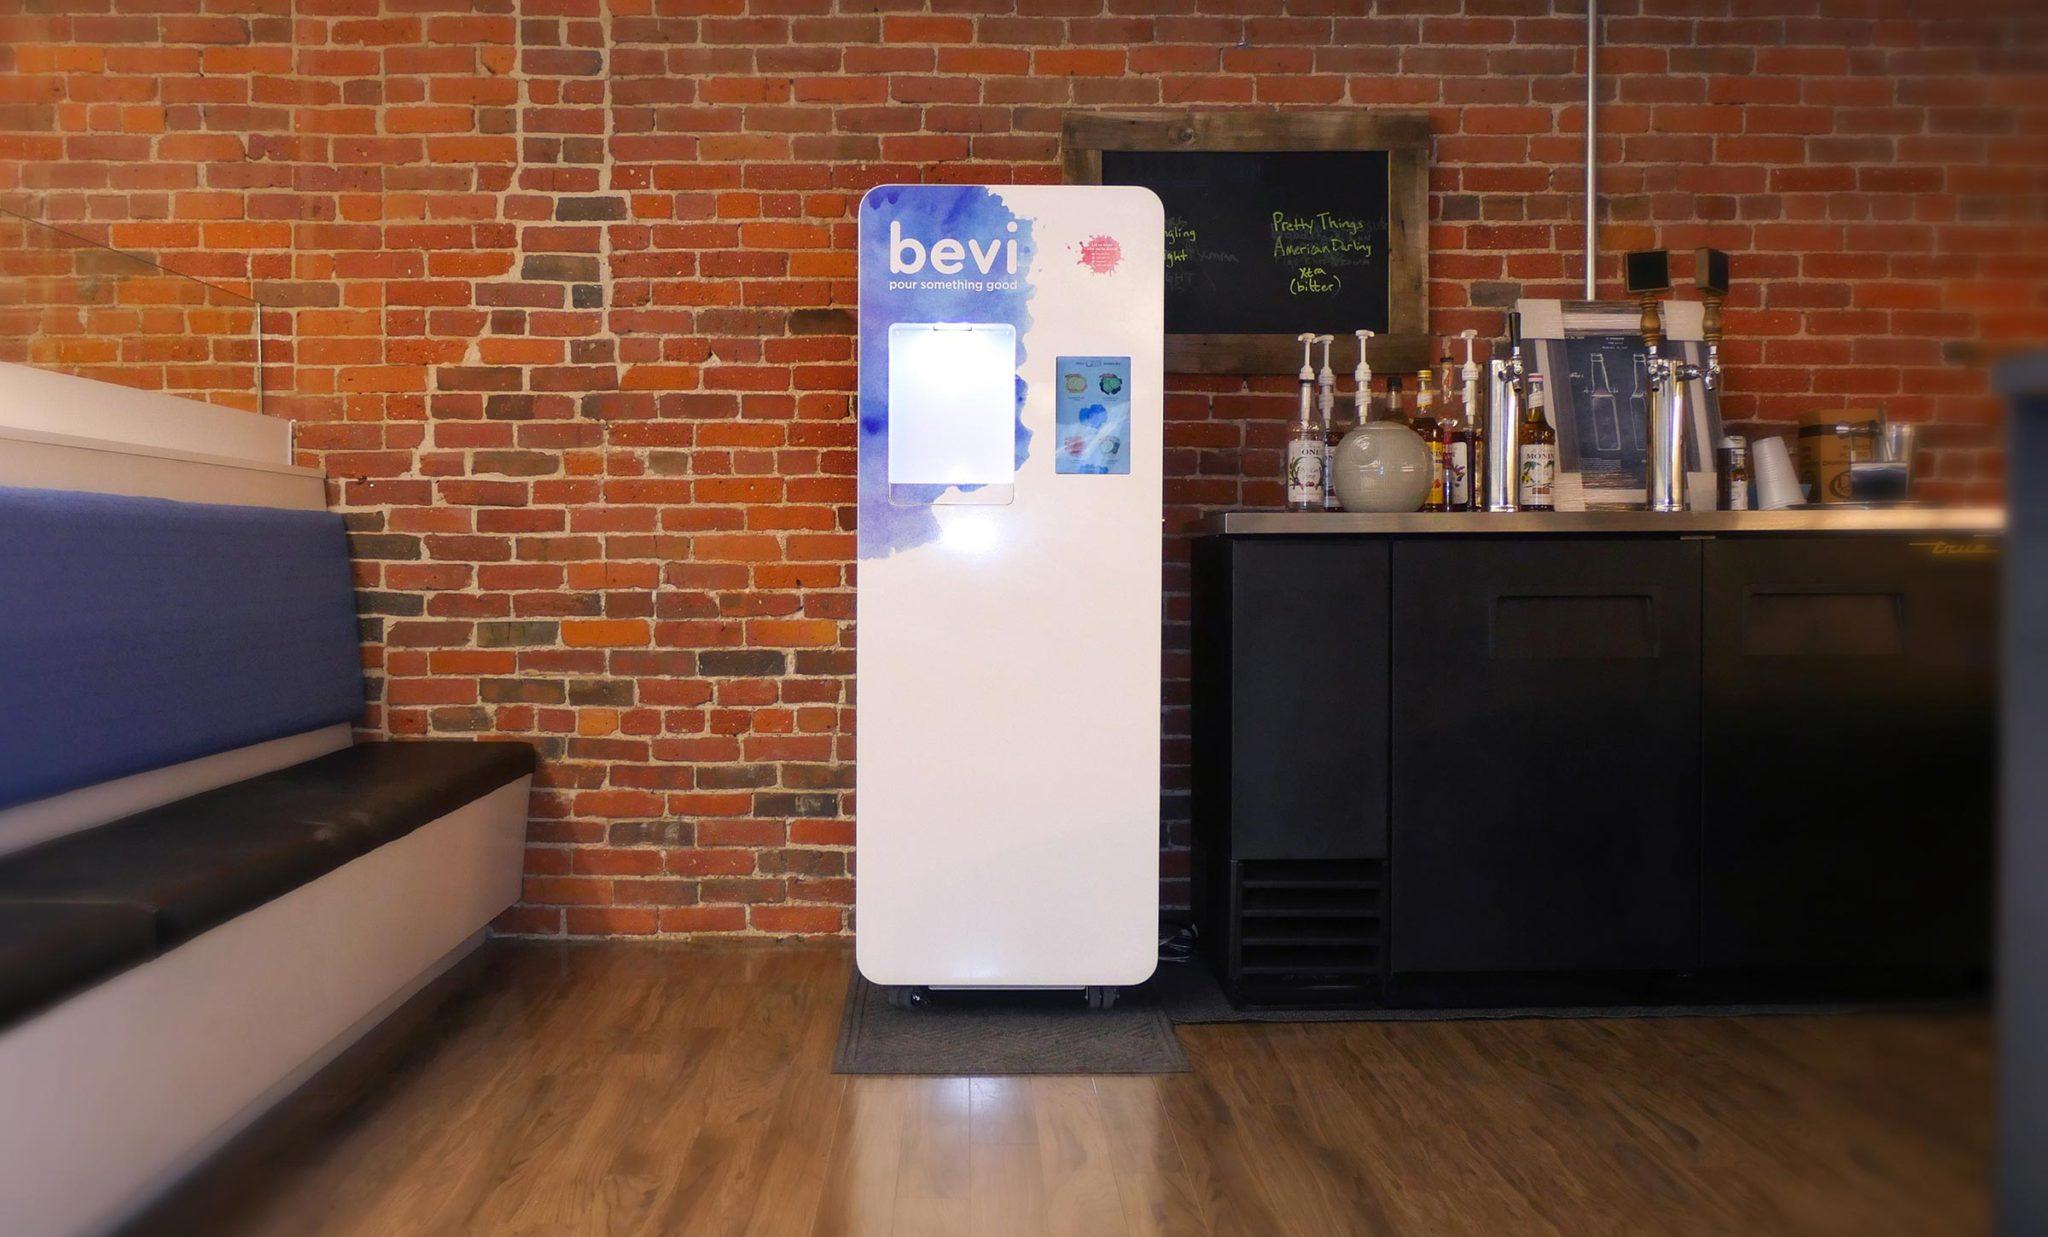 Standing Bevi Smart Water Cooler